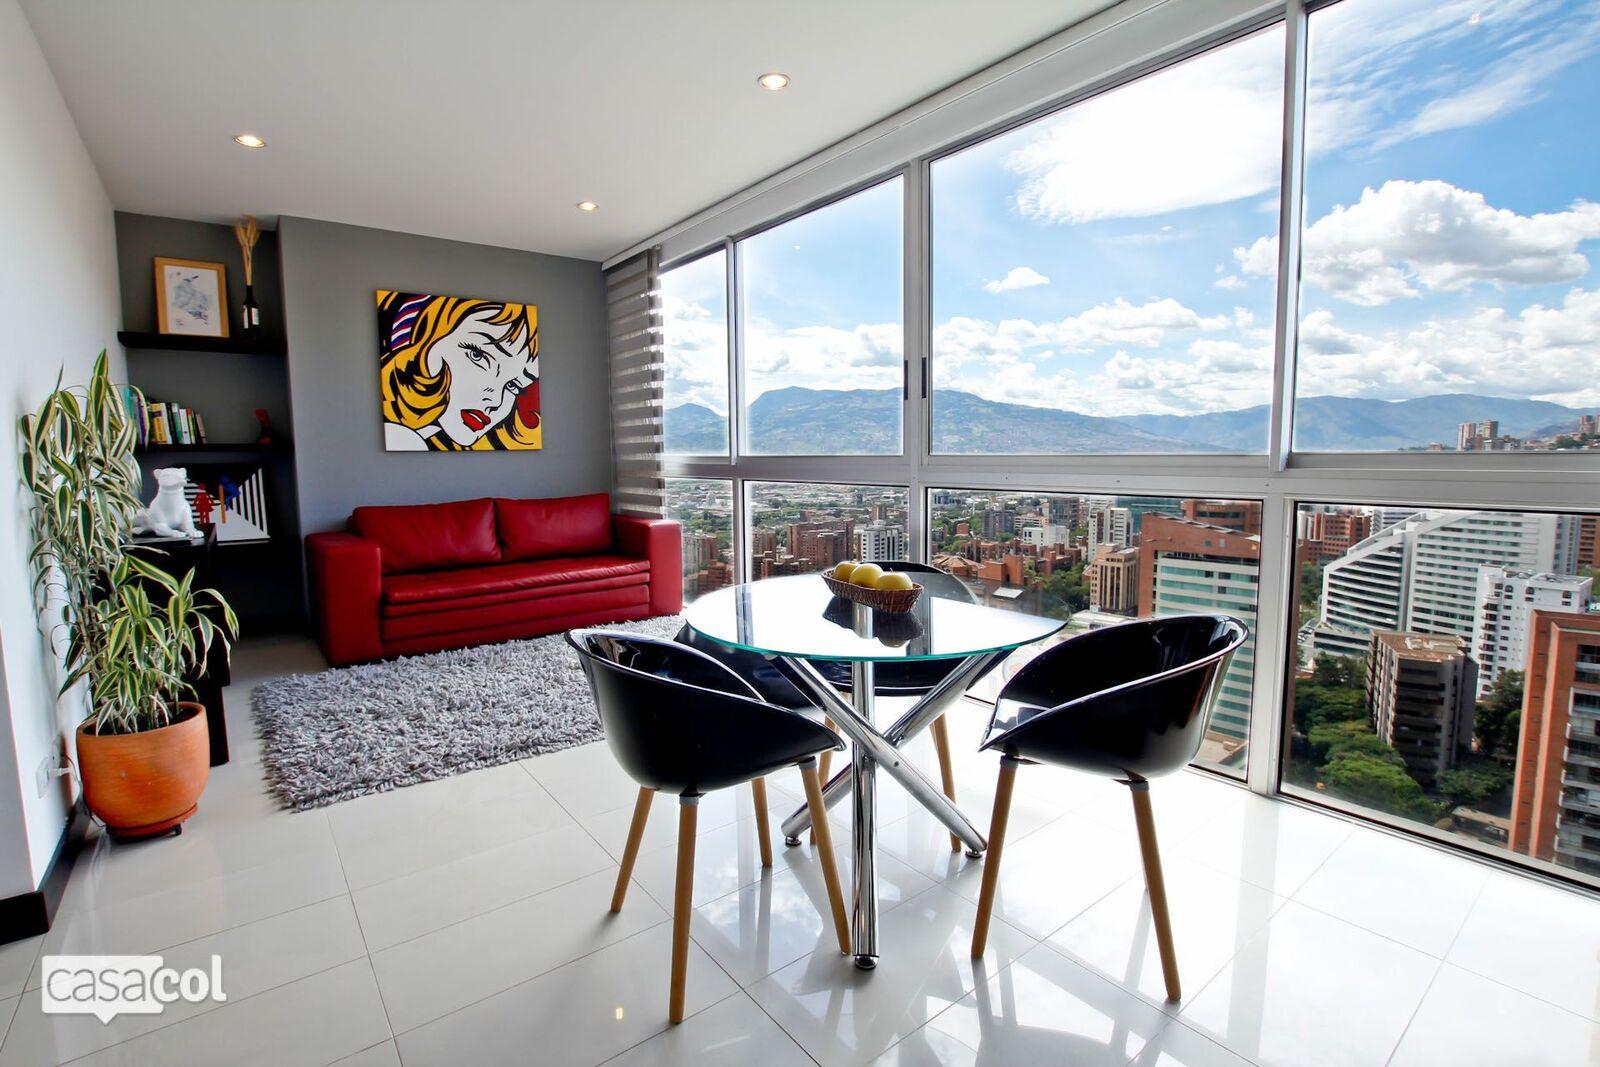 Apartment in the Nueva Alejandria building, managed by Casacol